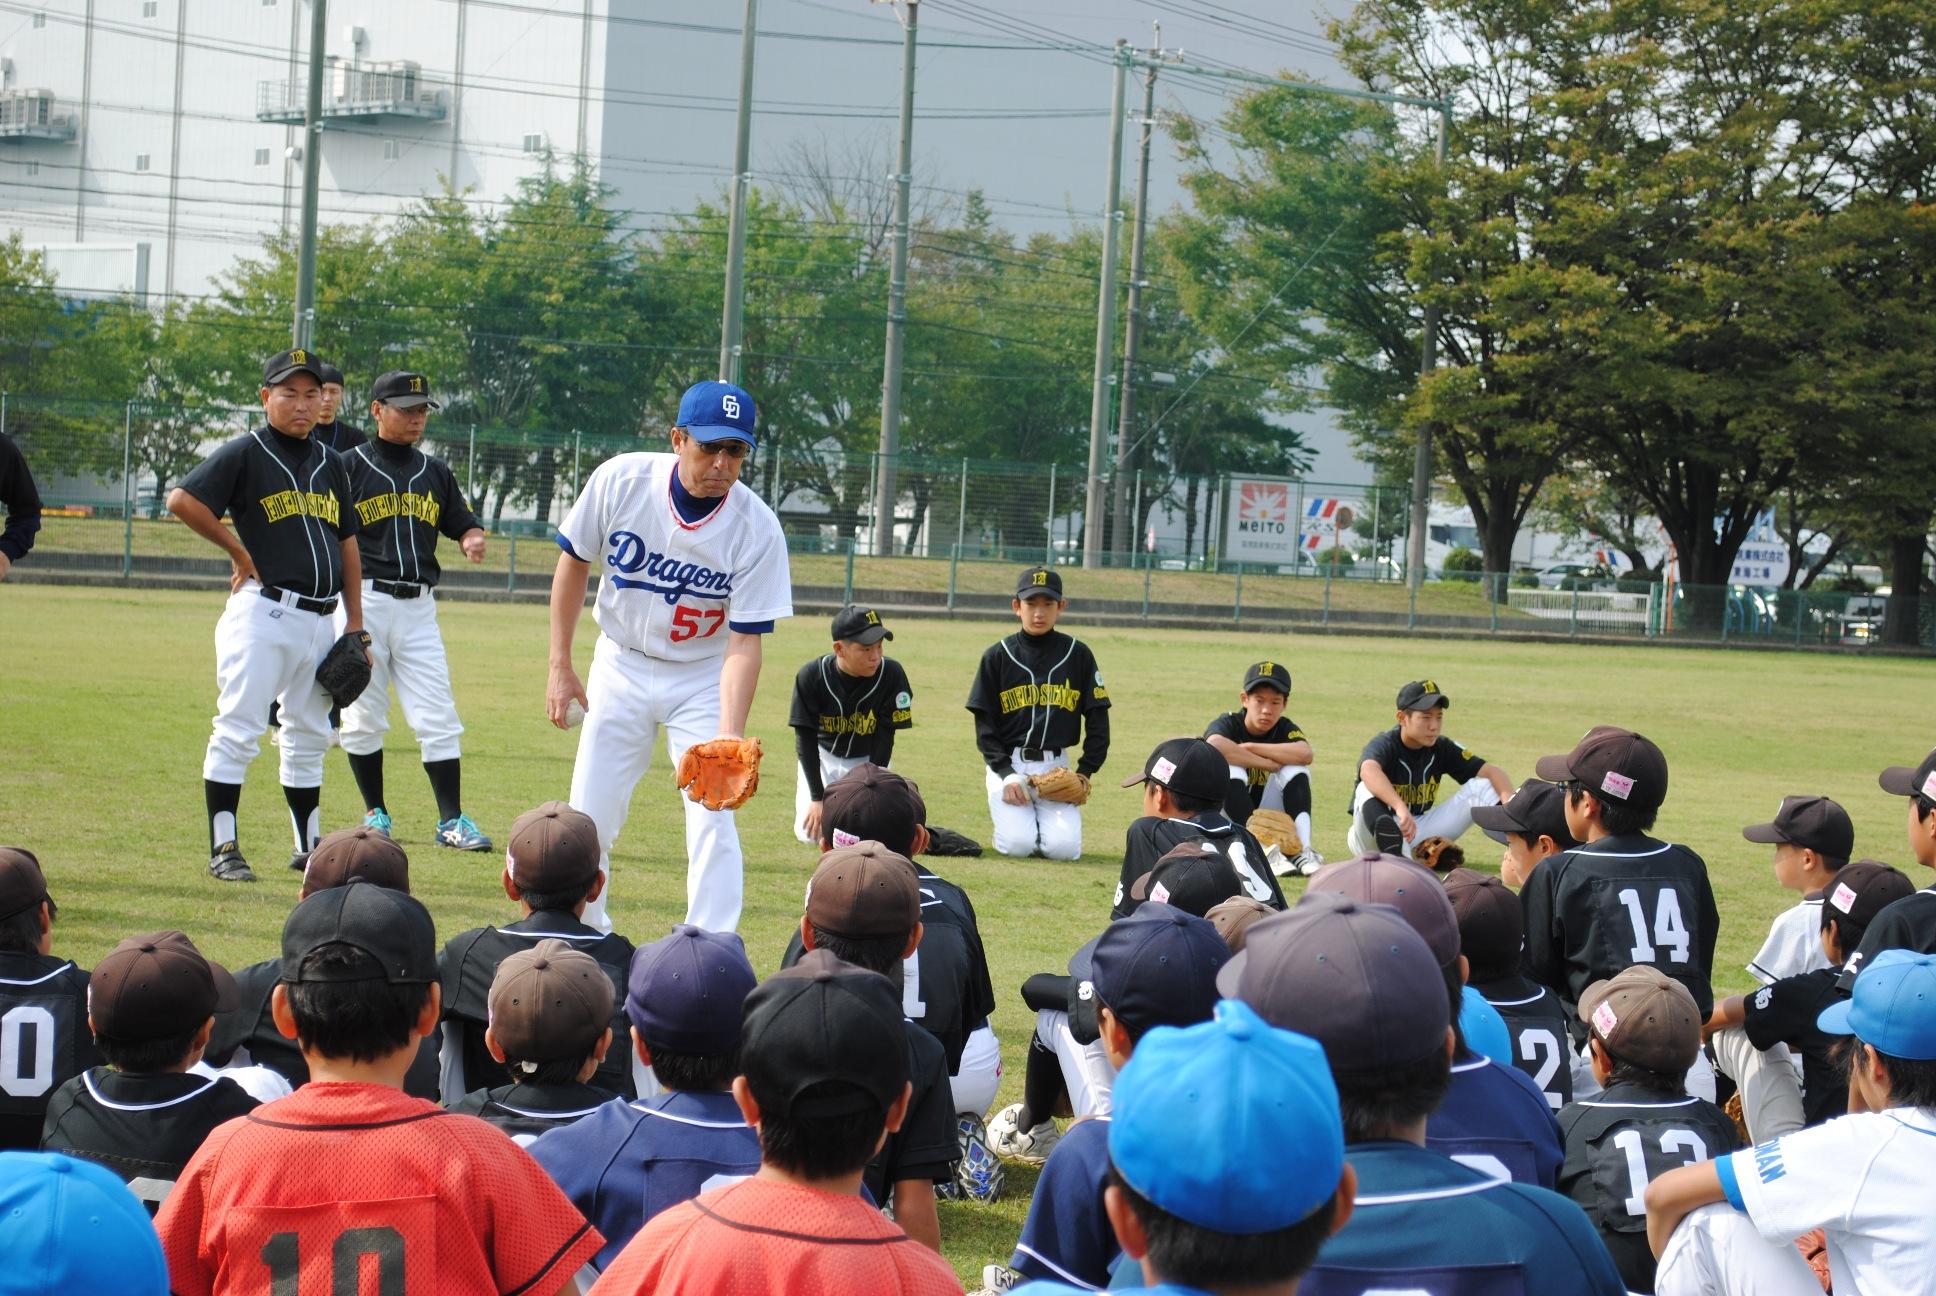 平野謙 (野球)の画像 p1_37